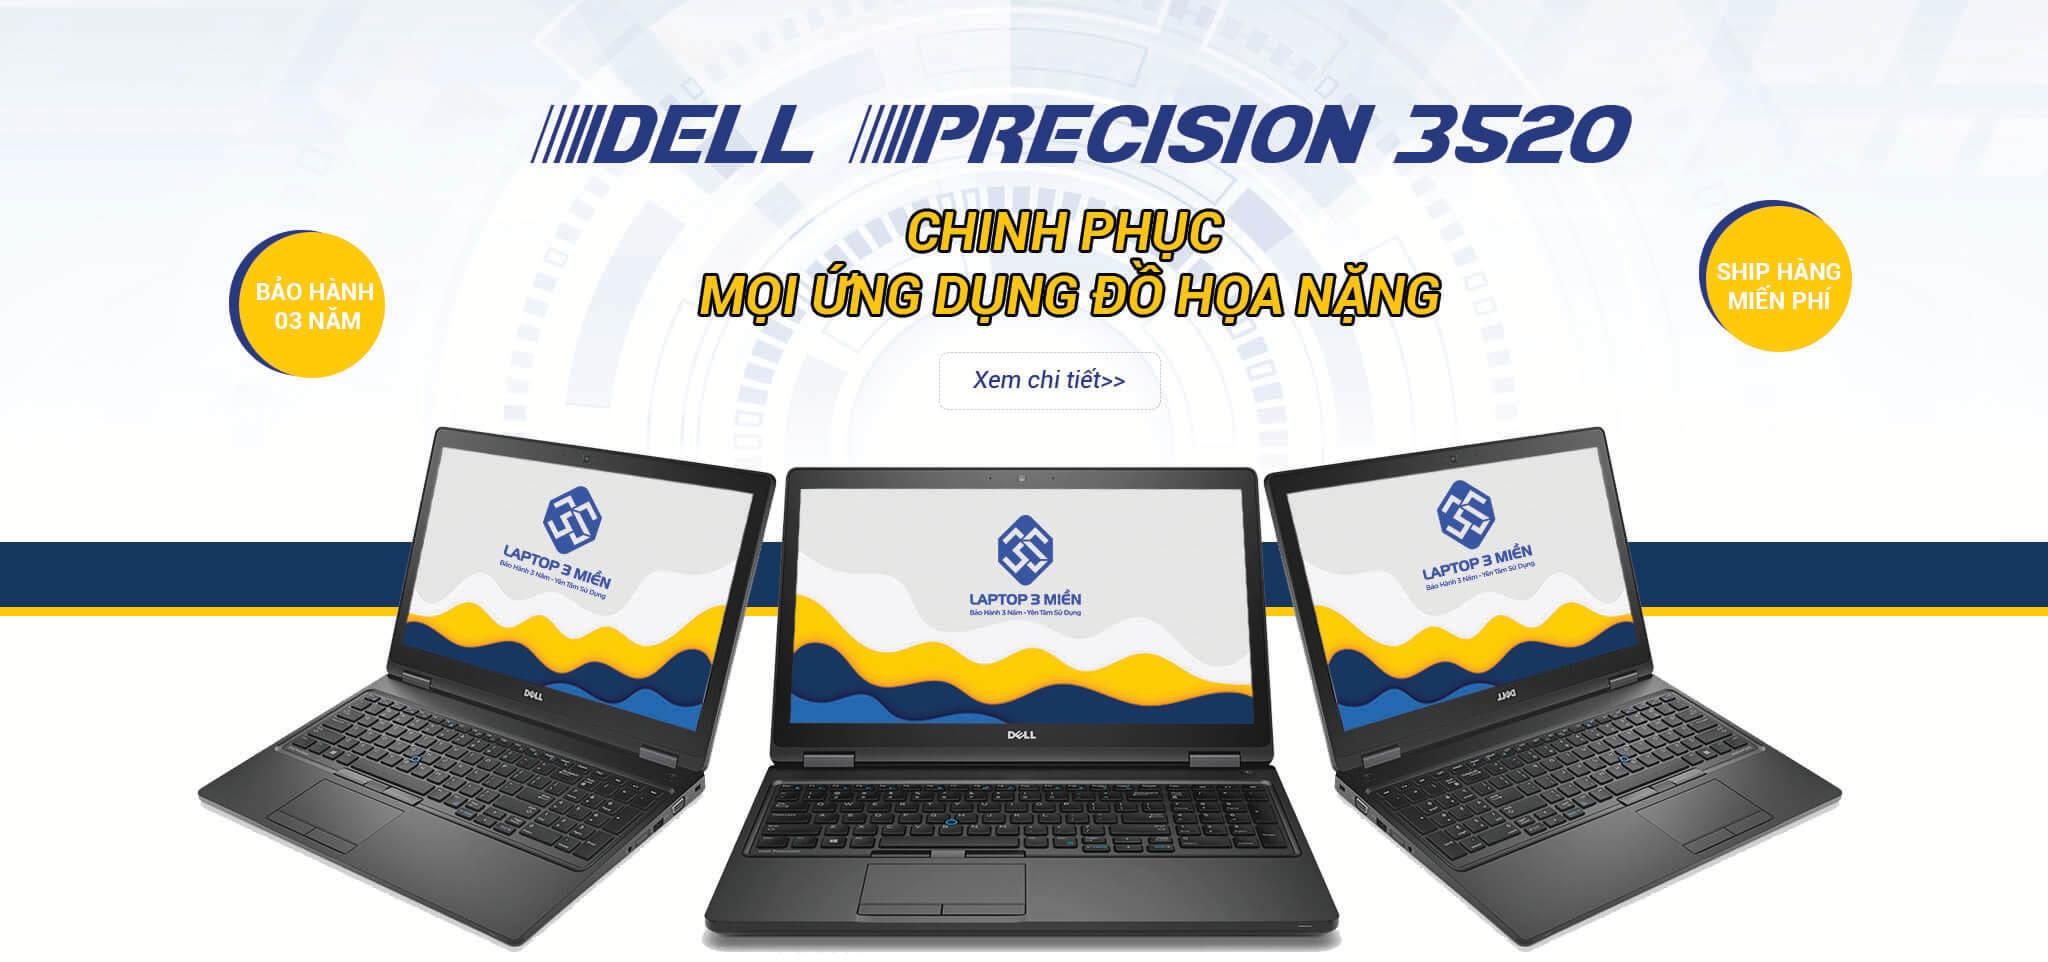 Dell Precision 3520 - chinh phục mọi ứng dụng đồ họa